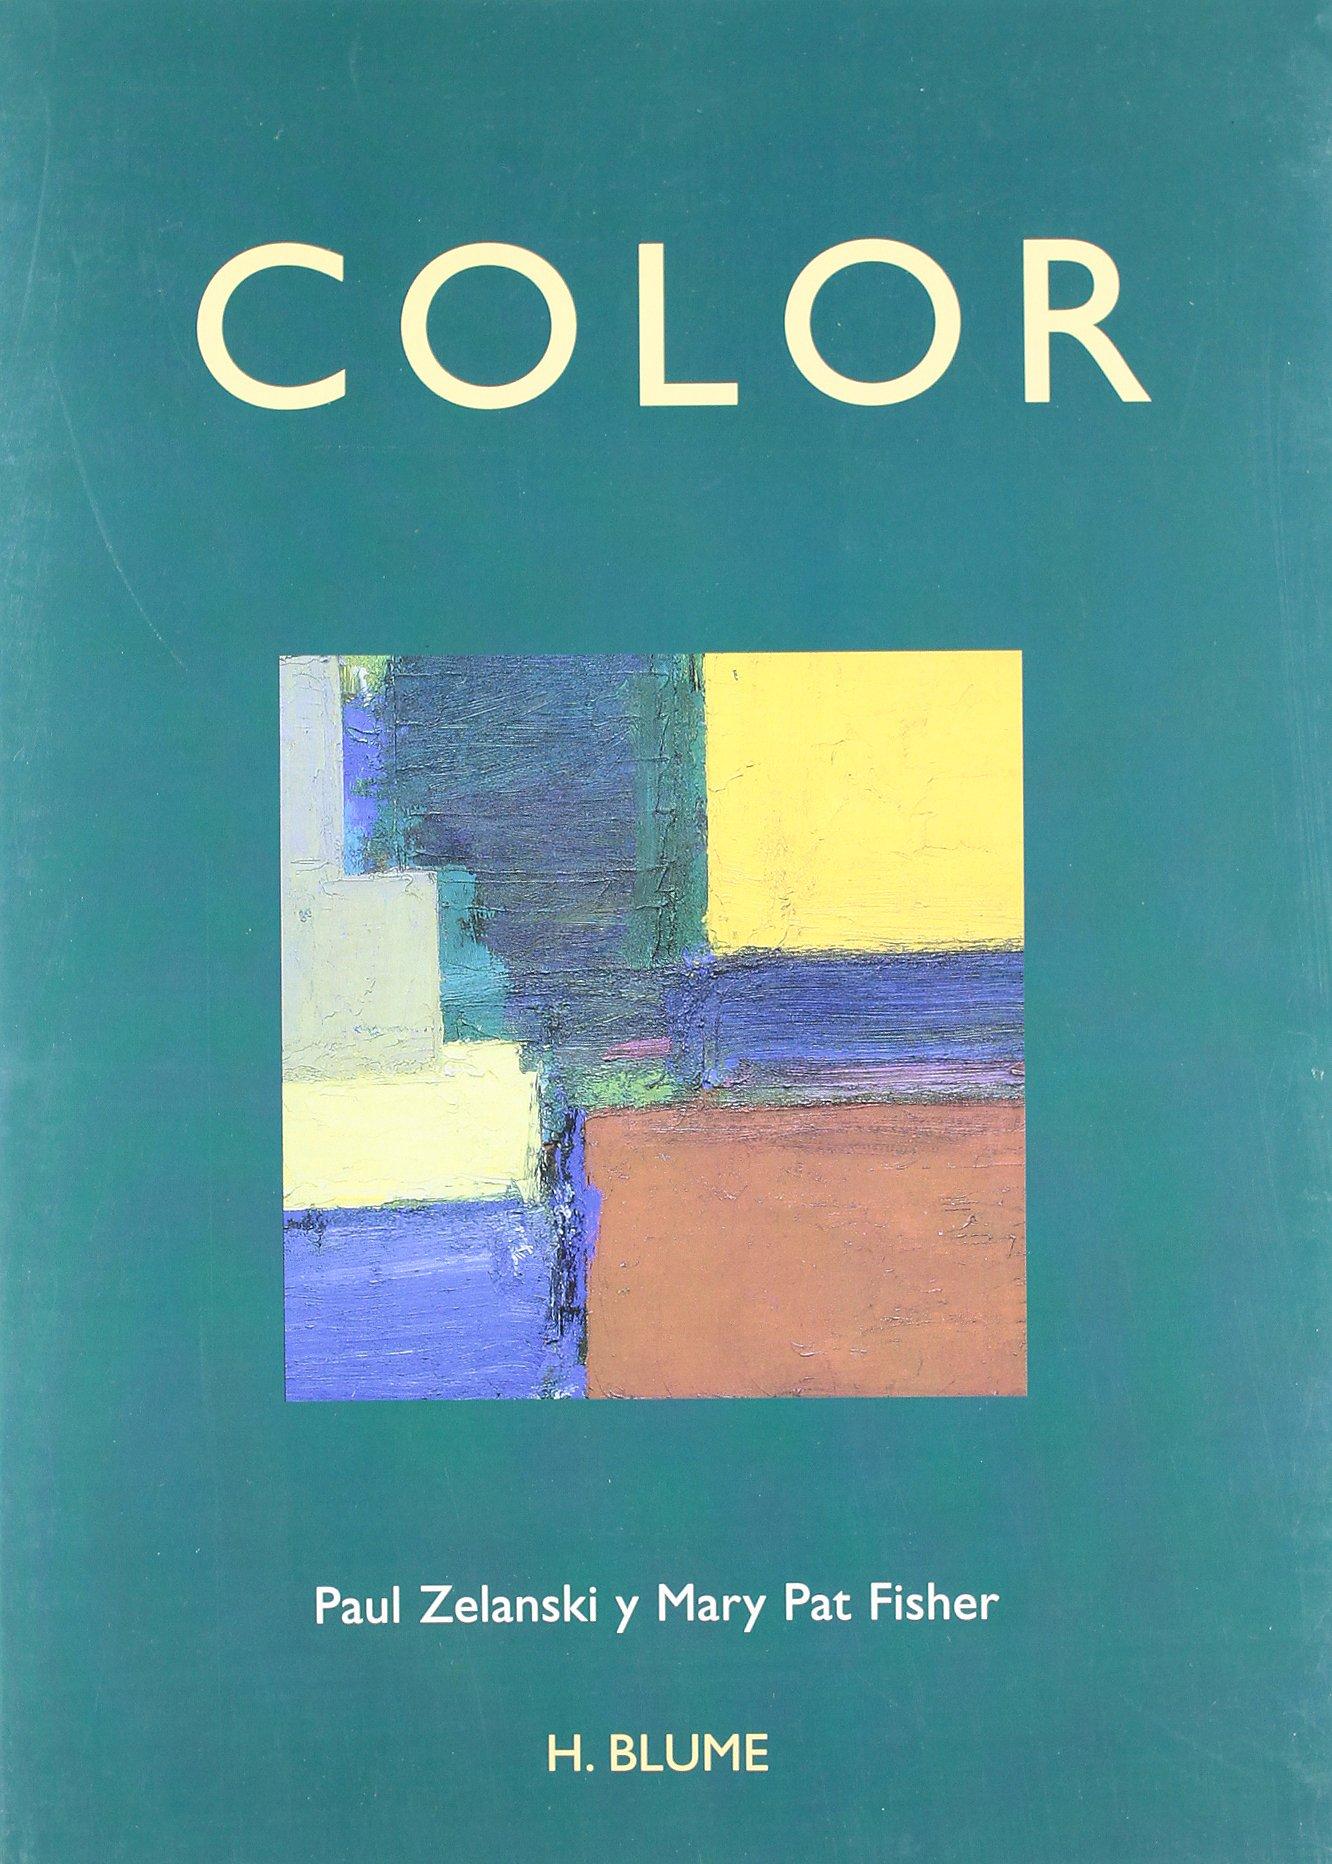 Color (Artes, técnicas y métodos, Band 48)